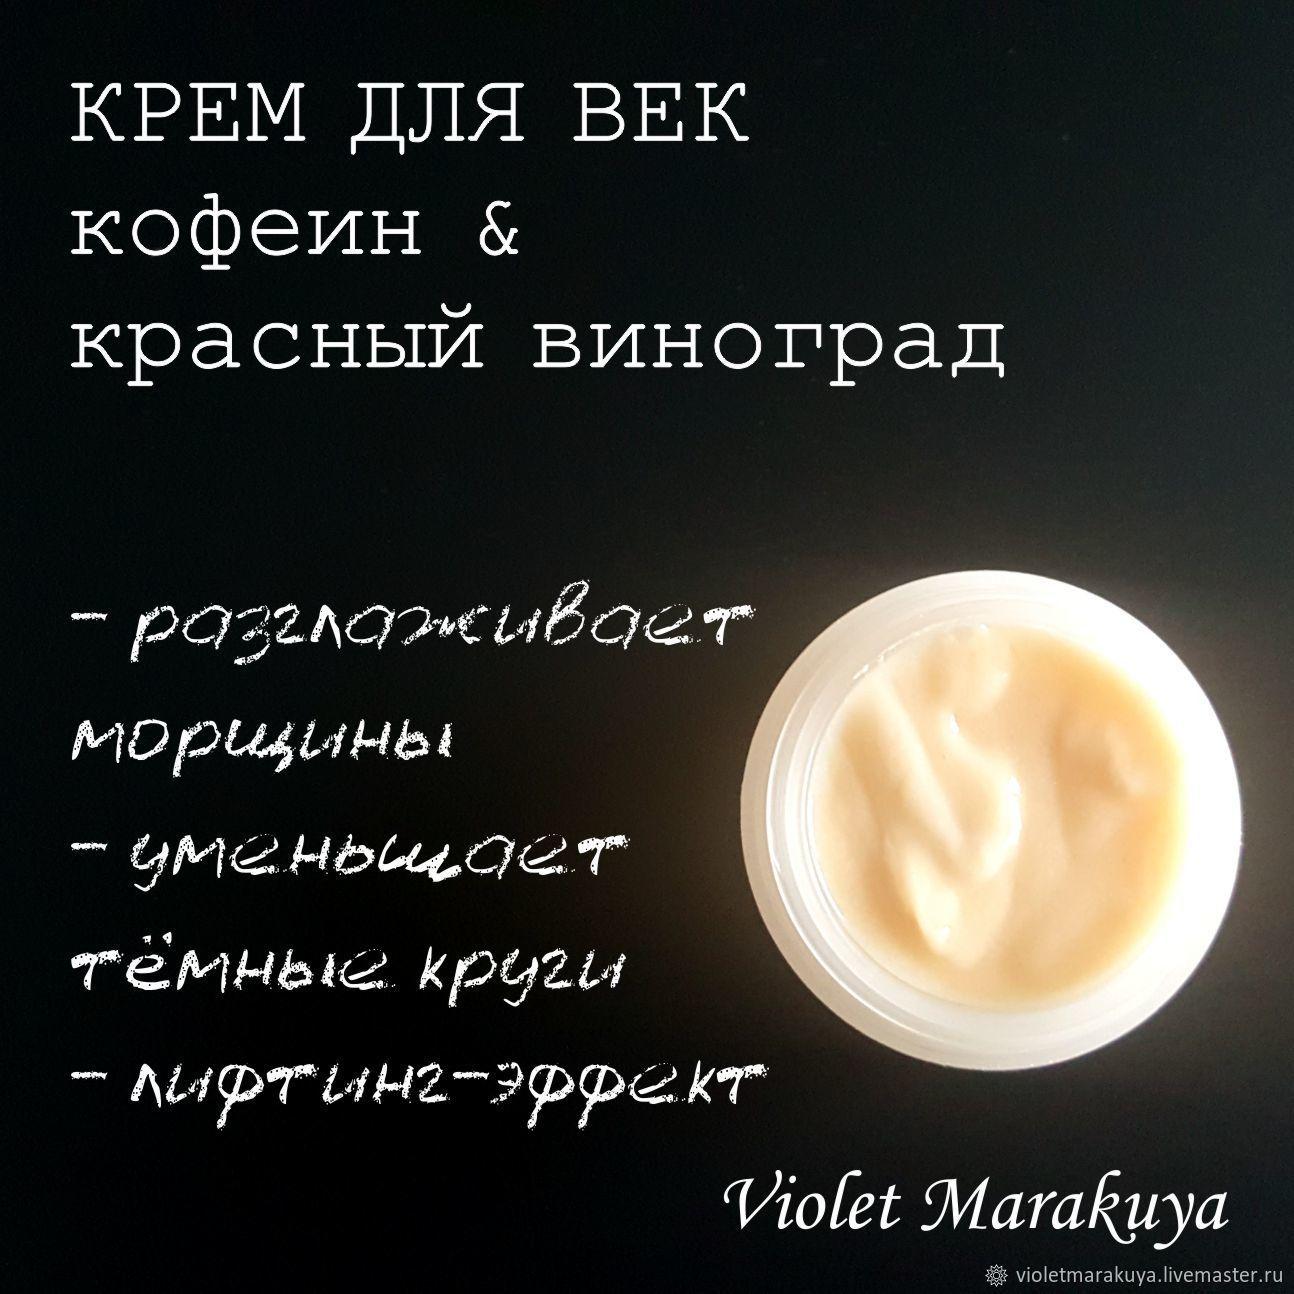 Крем для век с кофеином и экстрактом красного винограда, Кремы, Саратов,  Фото №1